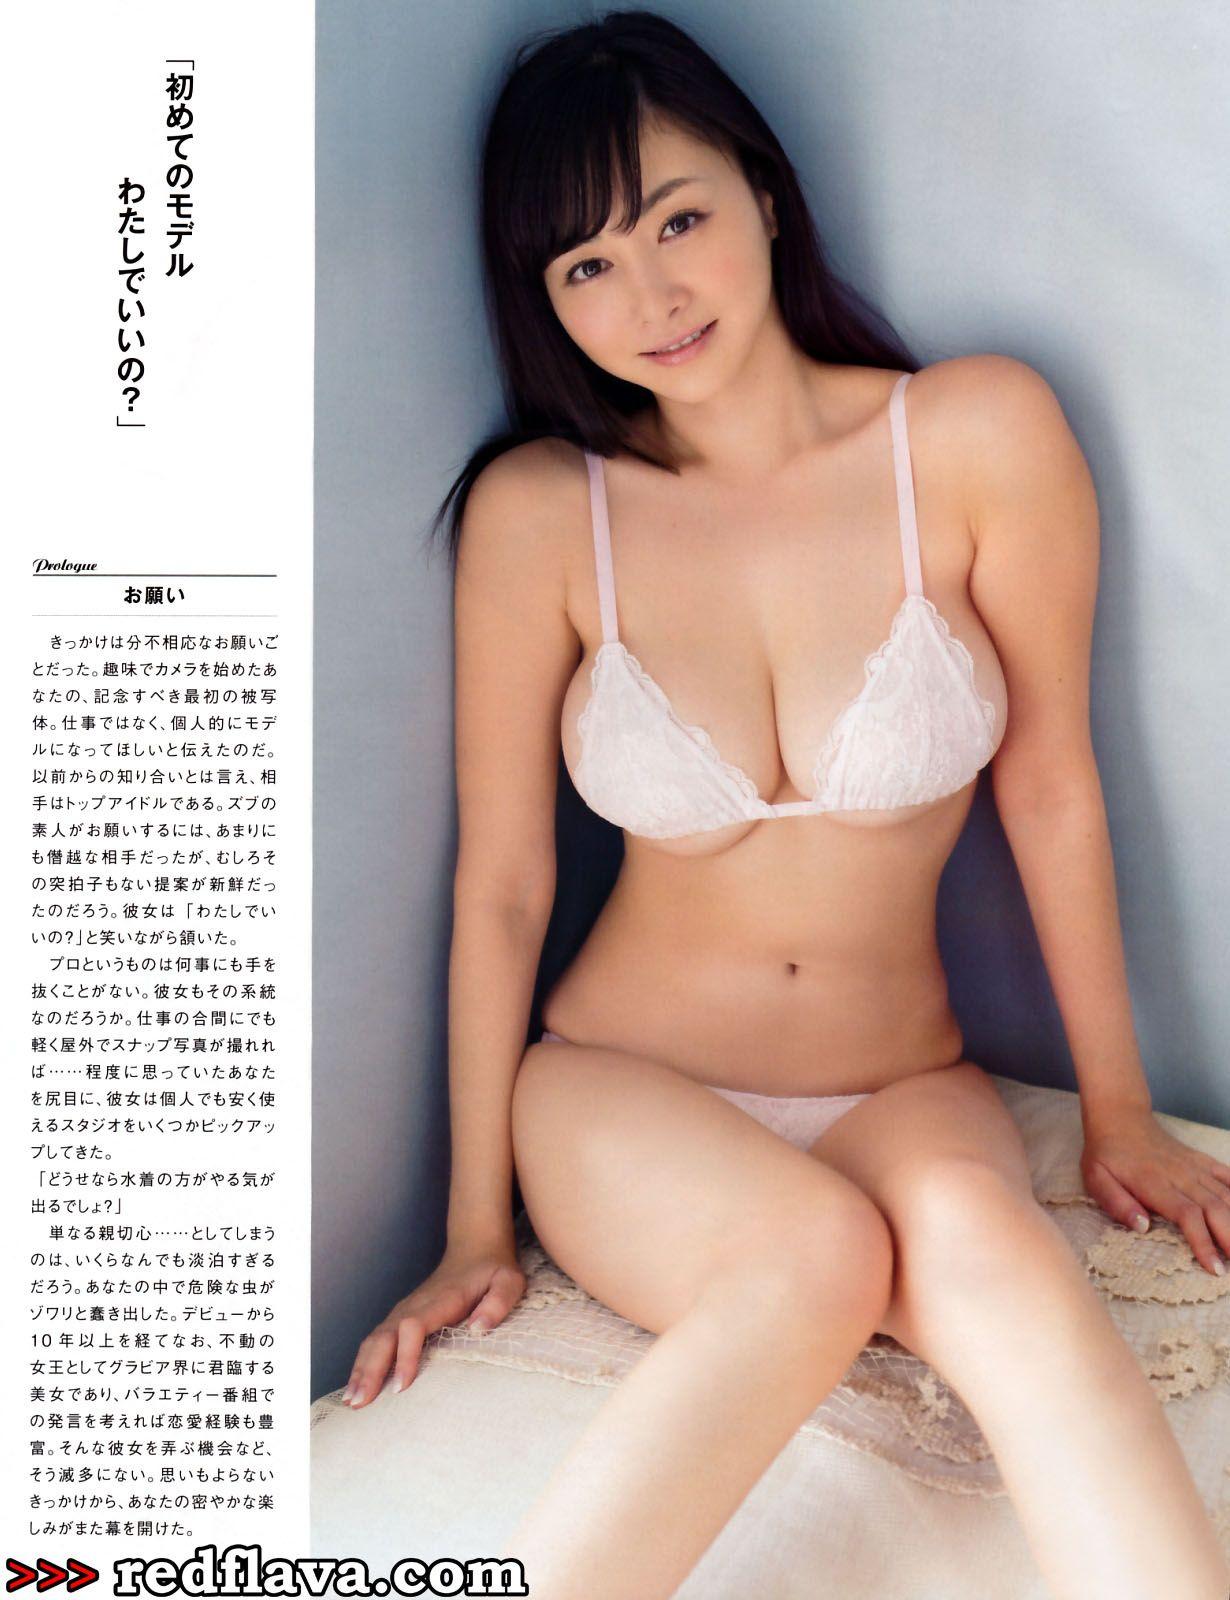 Japanese Gravure Idol Anri Sugihara